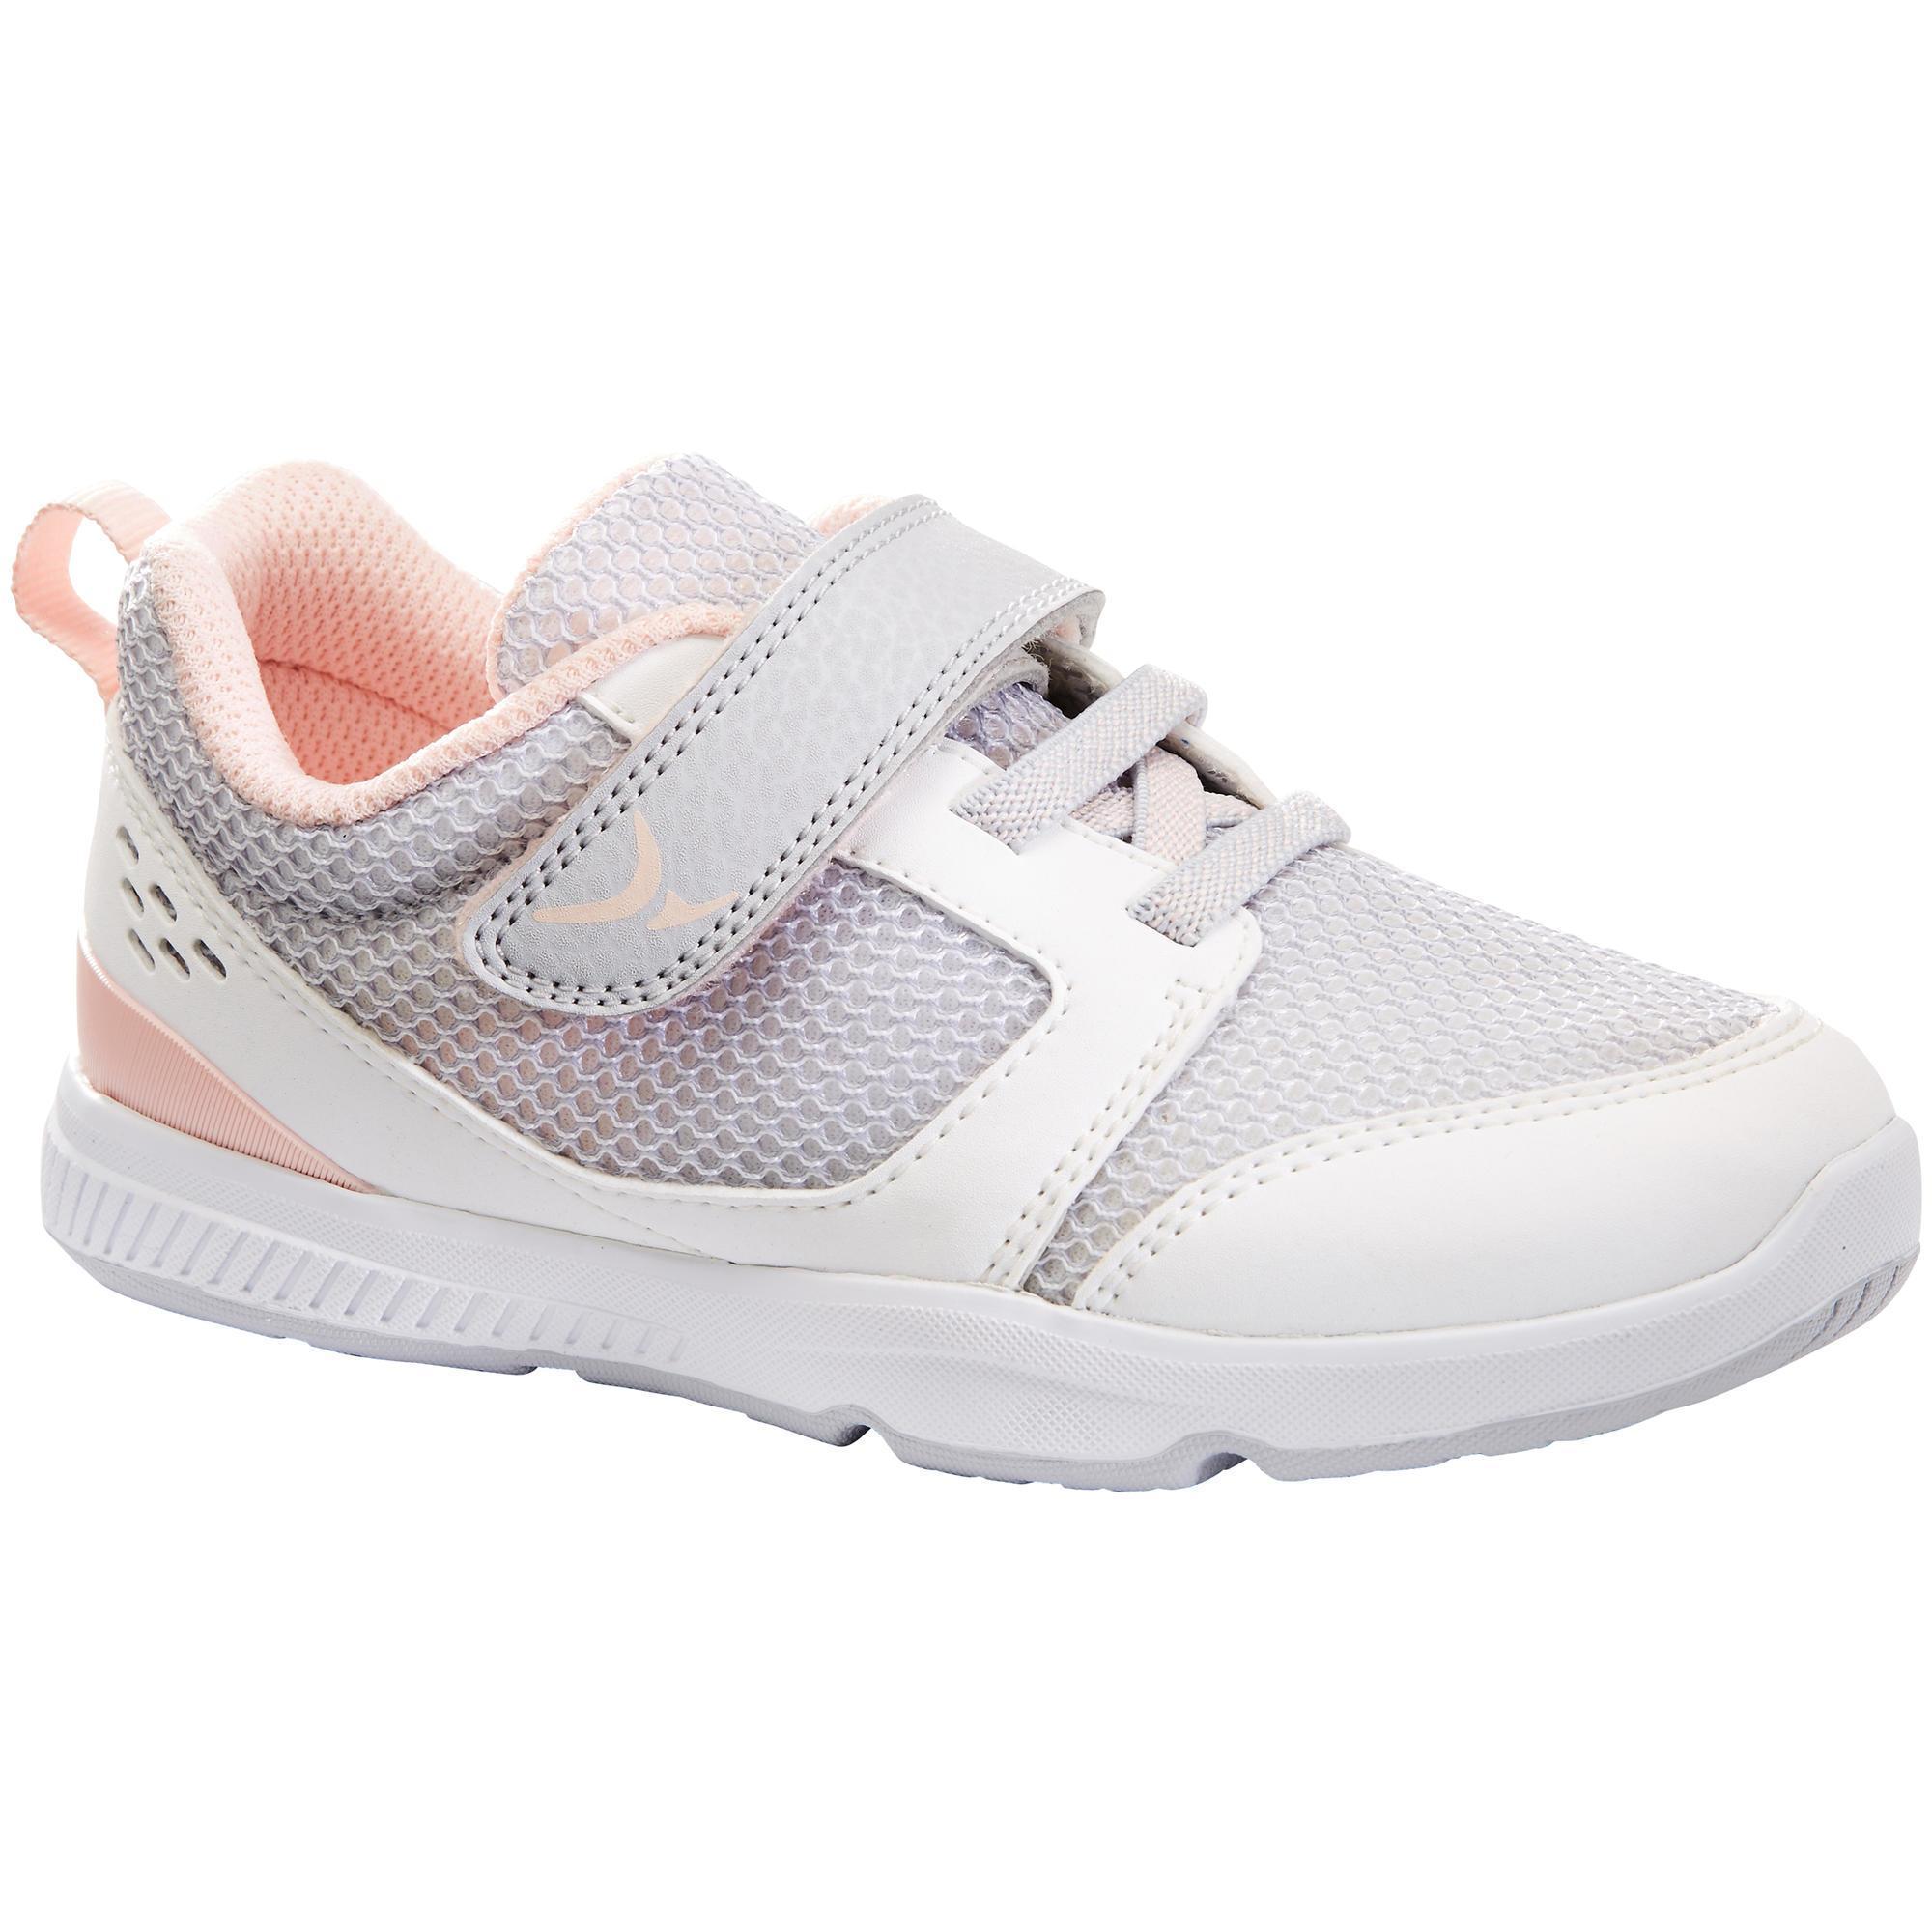 41b7a54d38b Comprar calzado deportivo para niños y bebés online| Decathlon